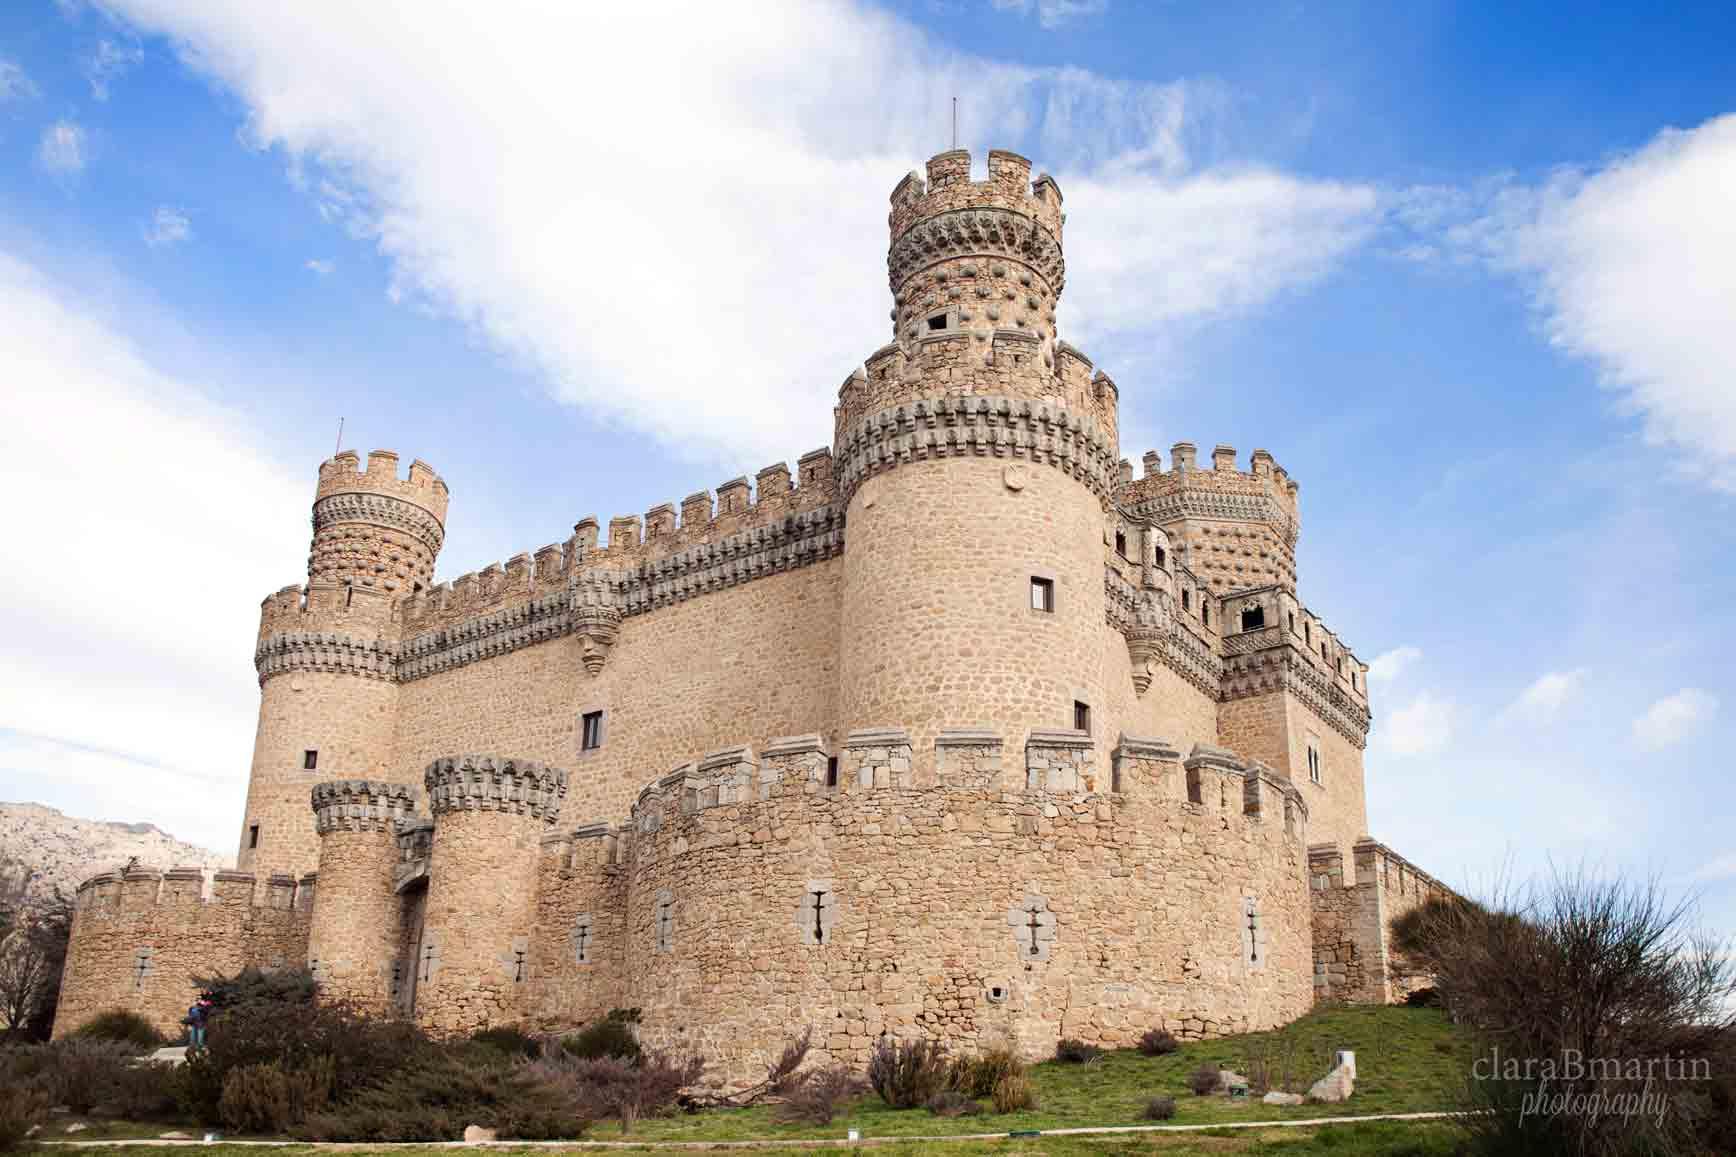 Visita al Castillo de Manzanares El Real y La Pedriza